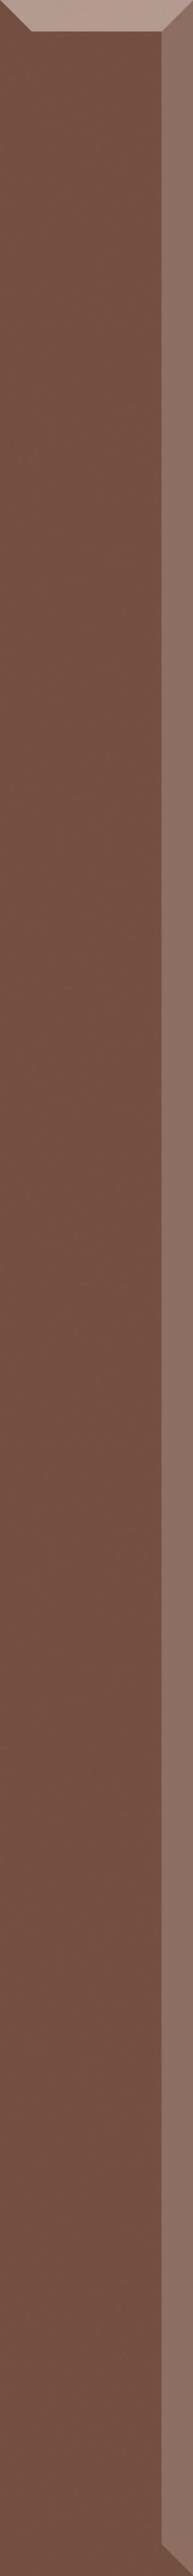 Paradyż Uniwersalna Listwa Szklana Marrone